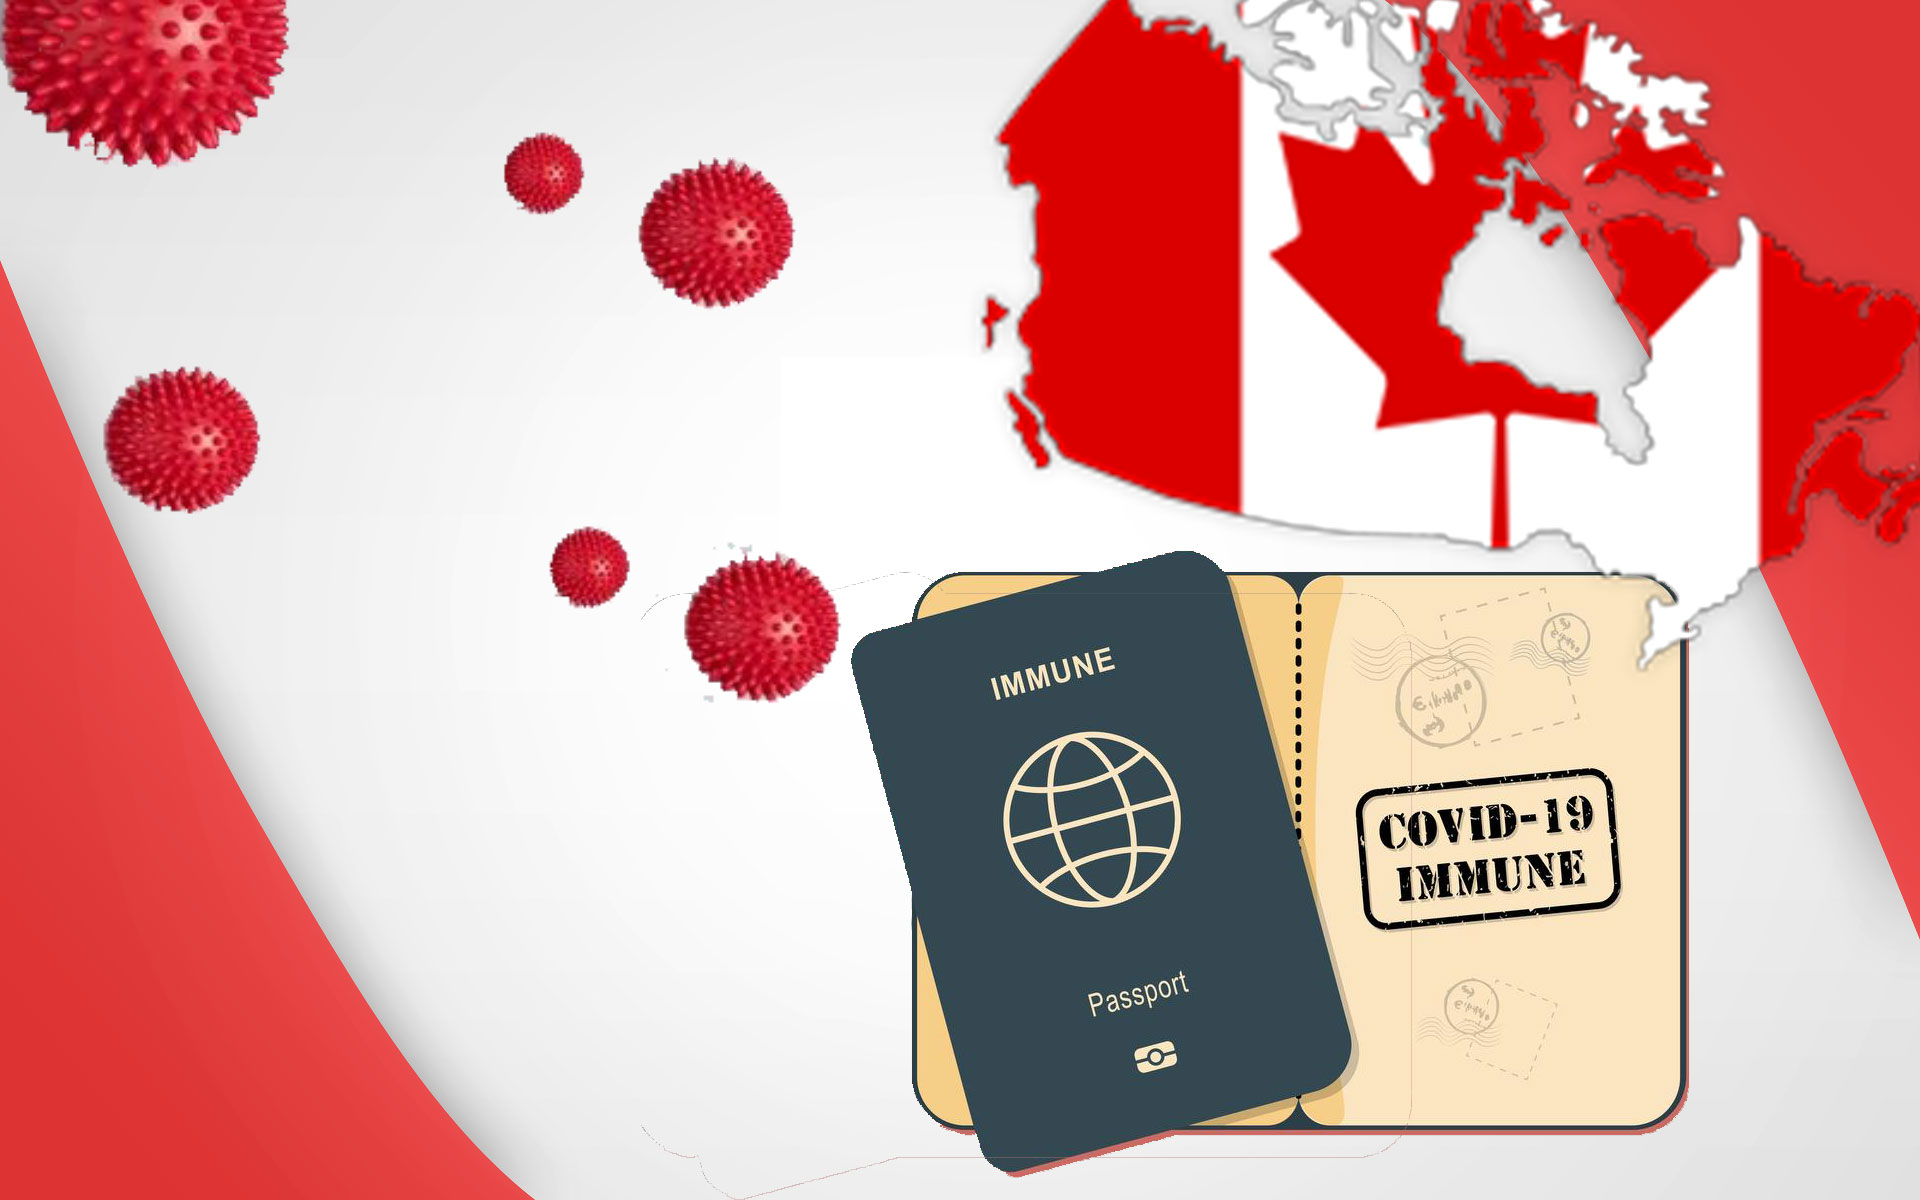 چراغ سبز اداره مهاجرت کانادا به دانشجوهای بینالمللی